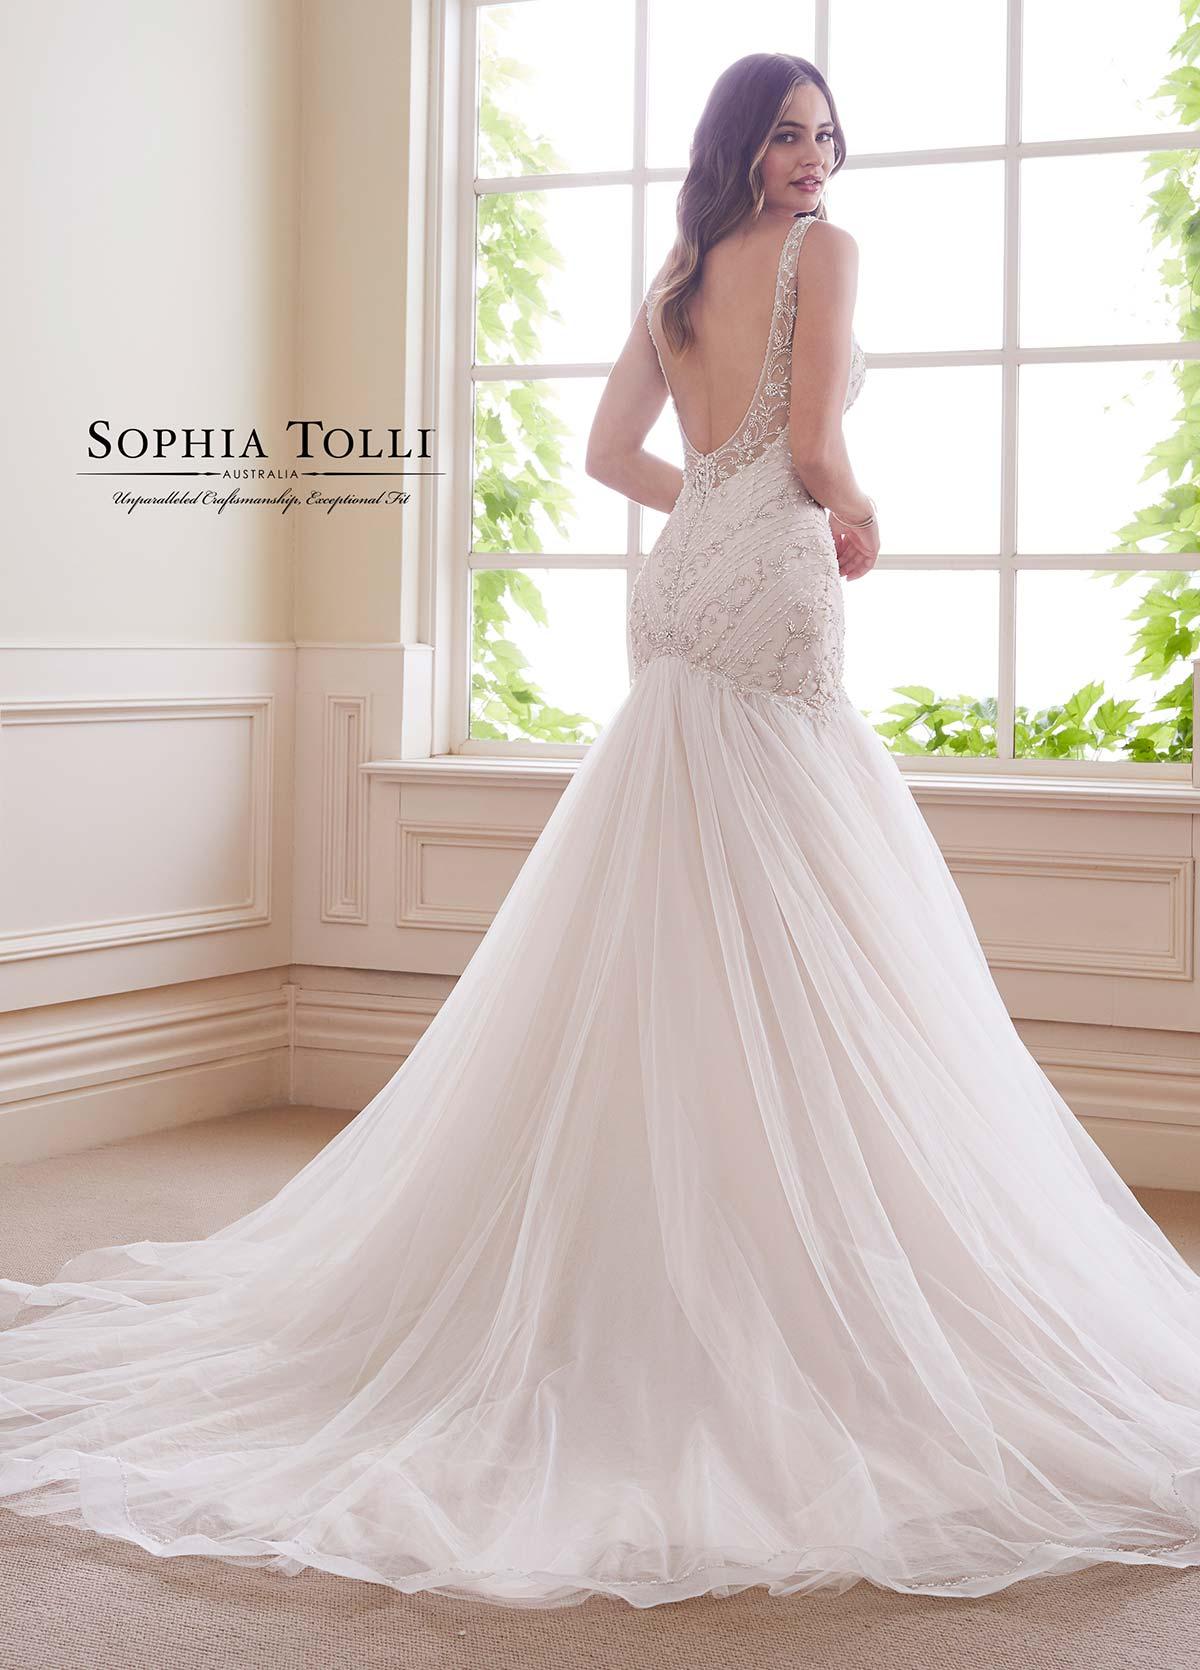 Sophia Tolli - BRIDALCHIQUE